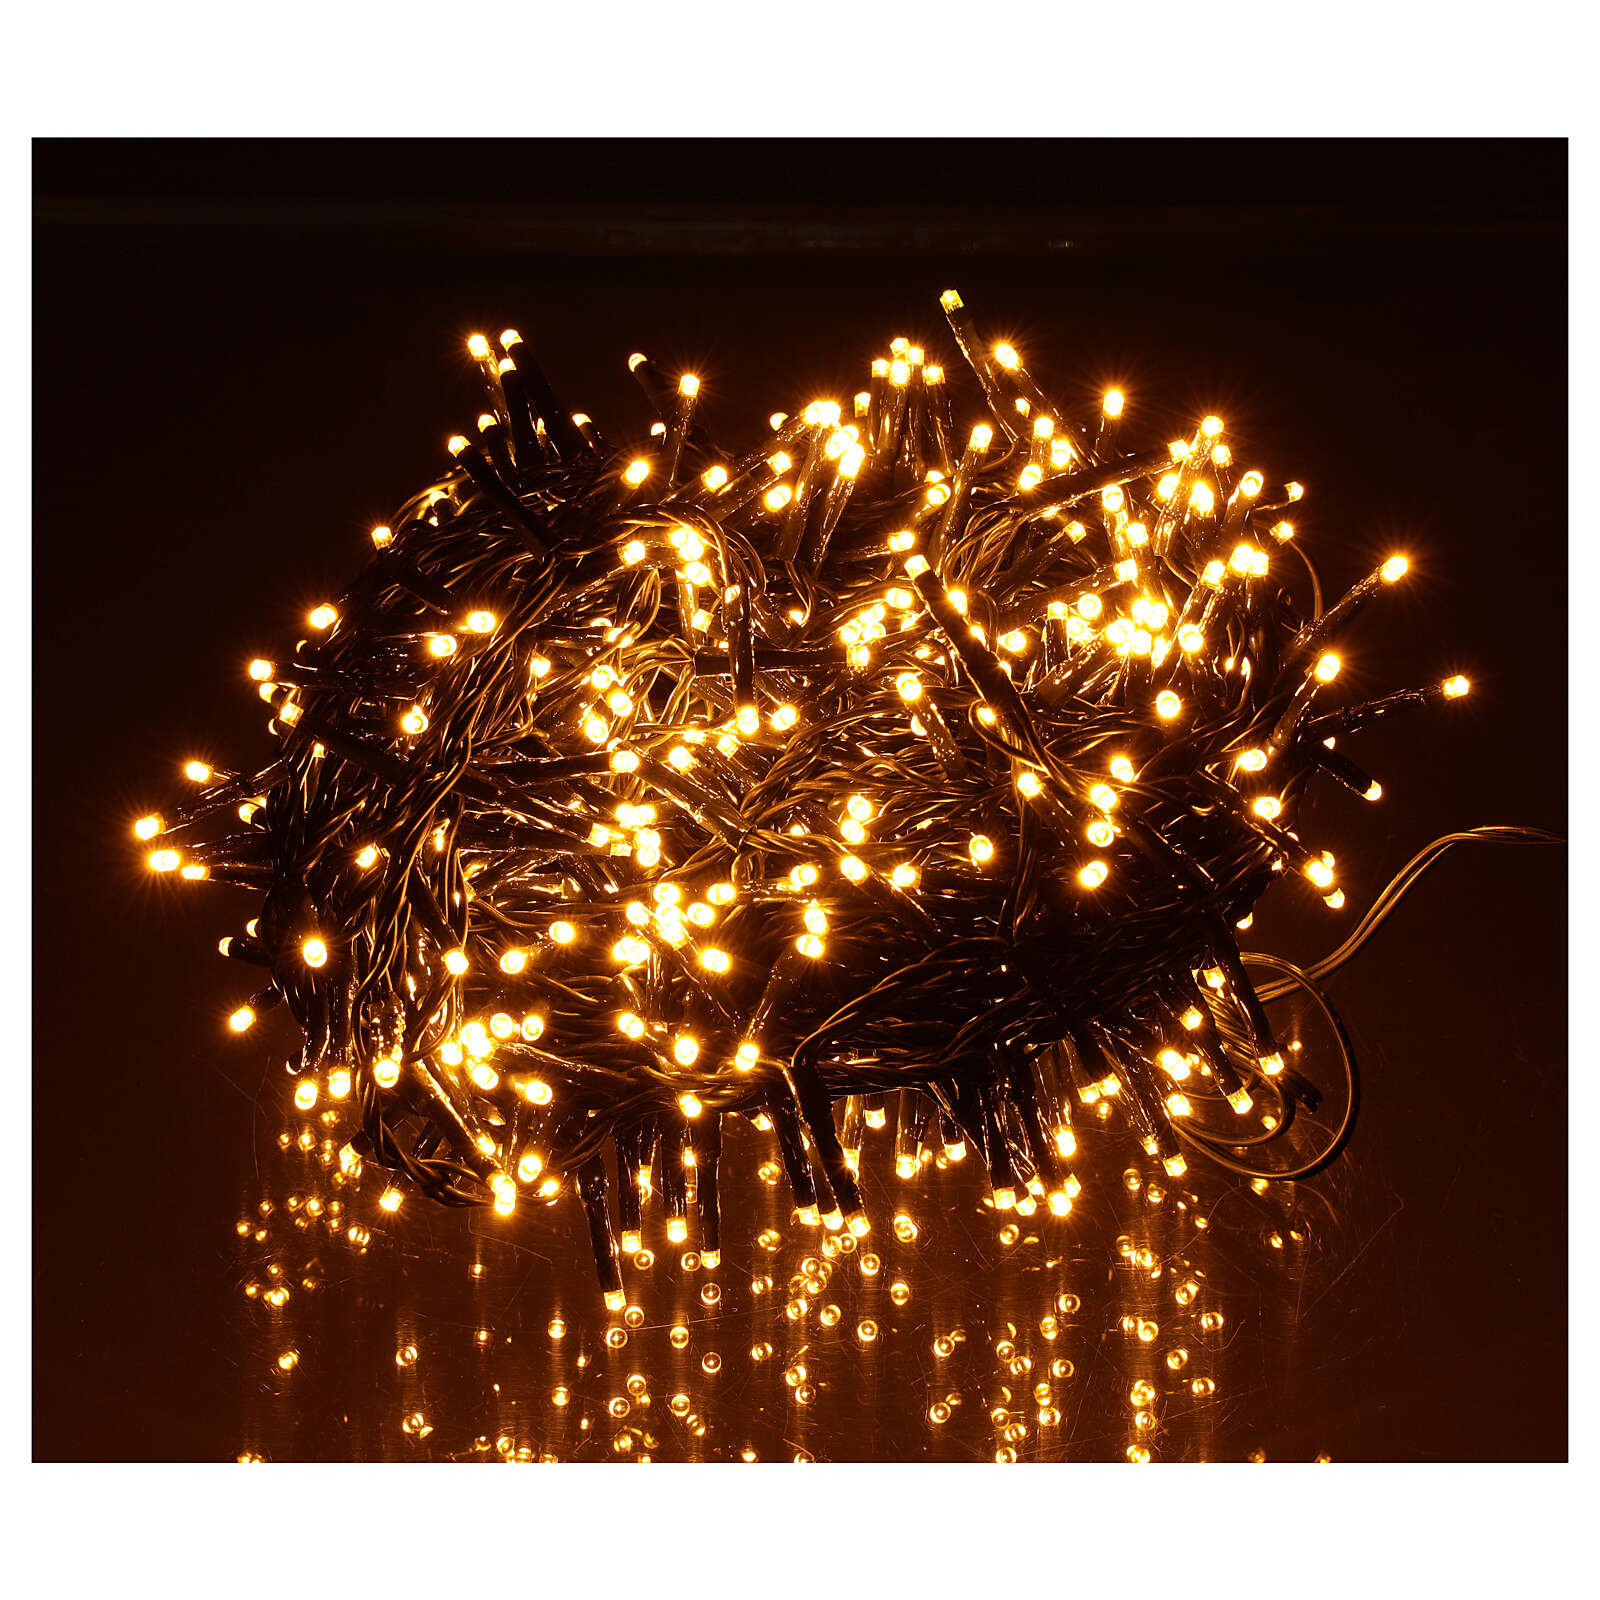 Pisca pisca 500 LED branco quente ambarino com jogos de luzes programáveis 3